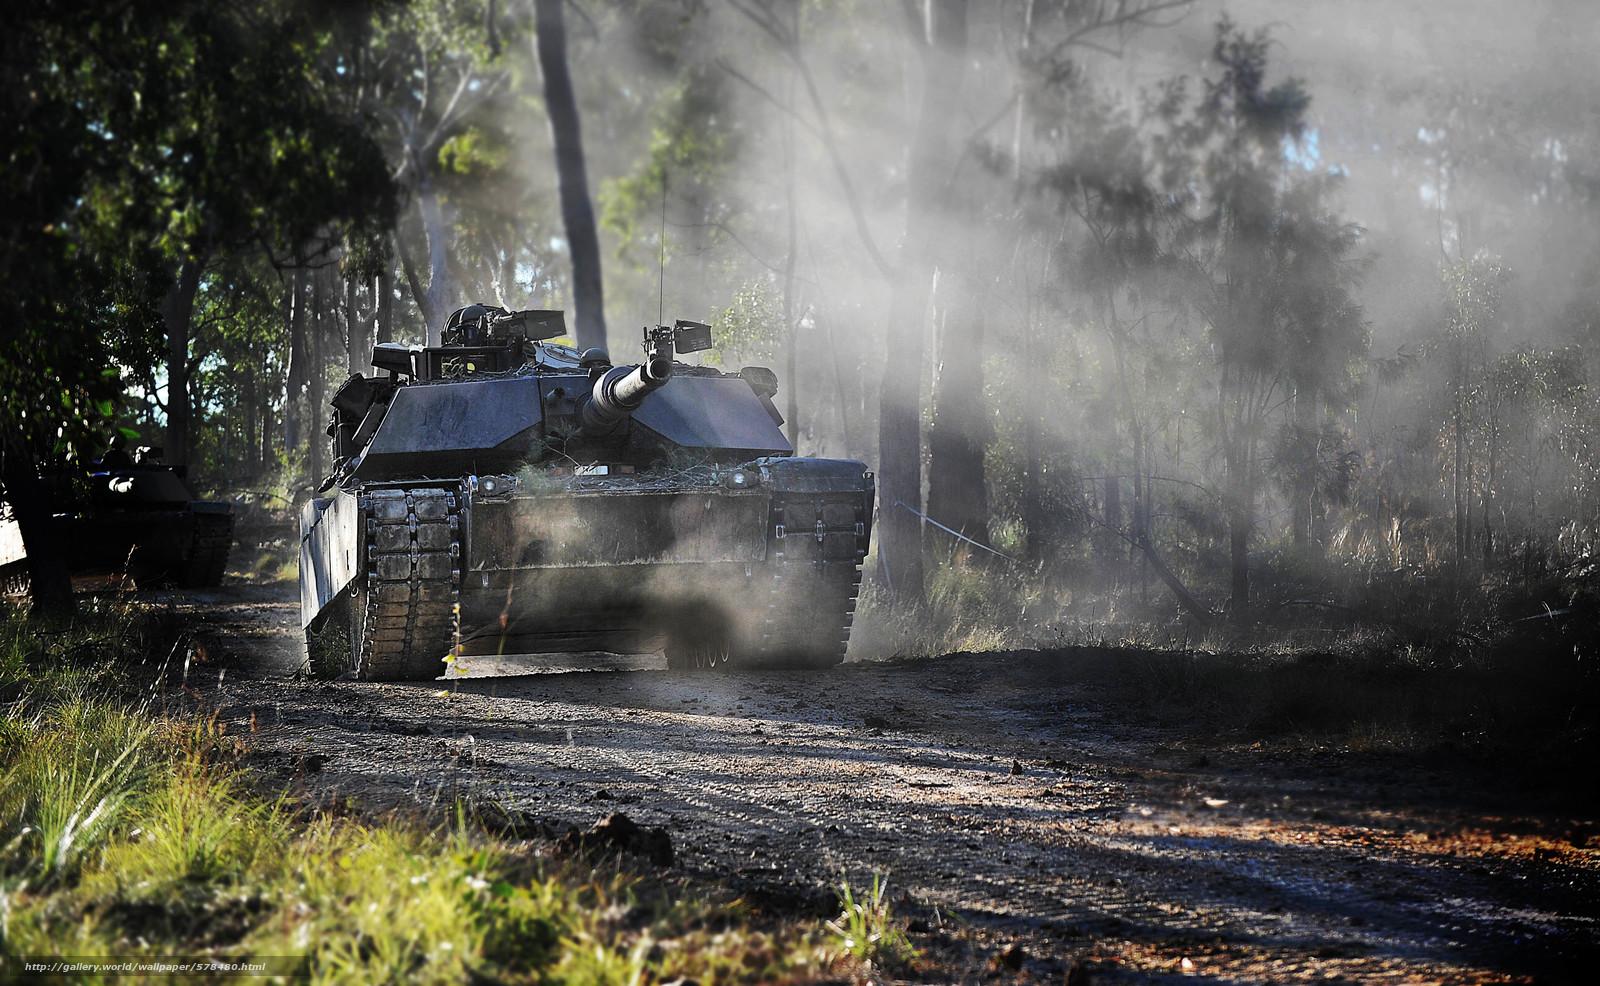 Скачать обои лес,  танк,  США,  военная техника бесплатно для рабочего стола в разрешении 3600x2218 — картинка №578480